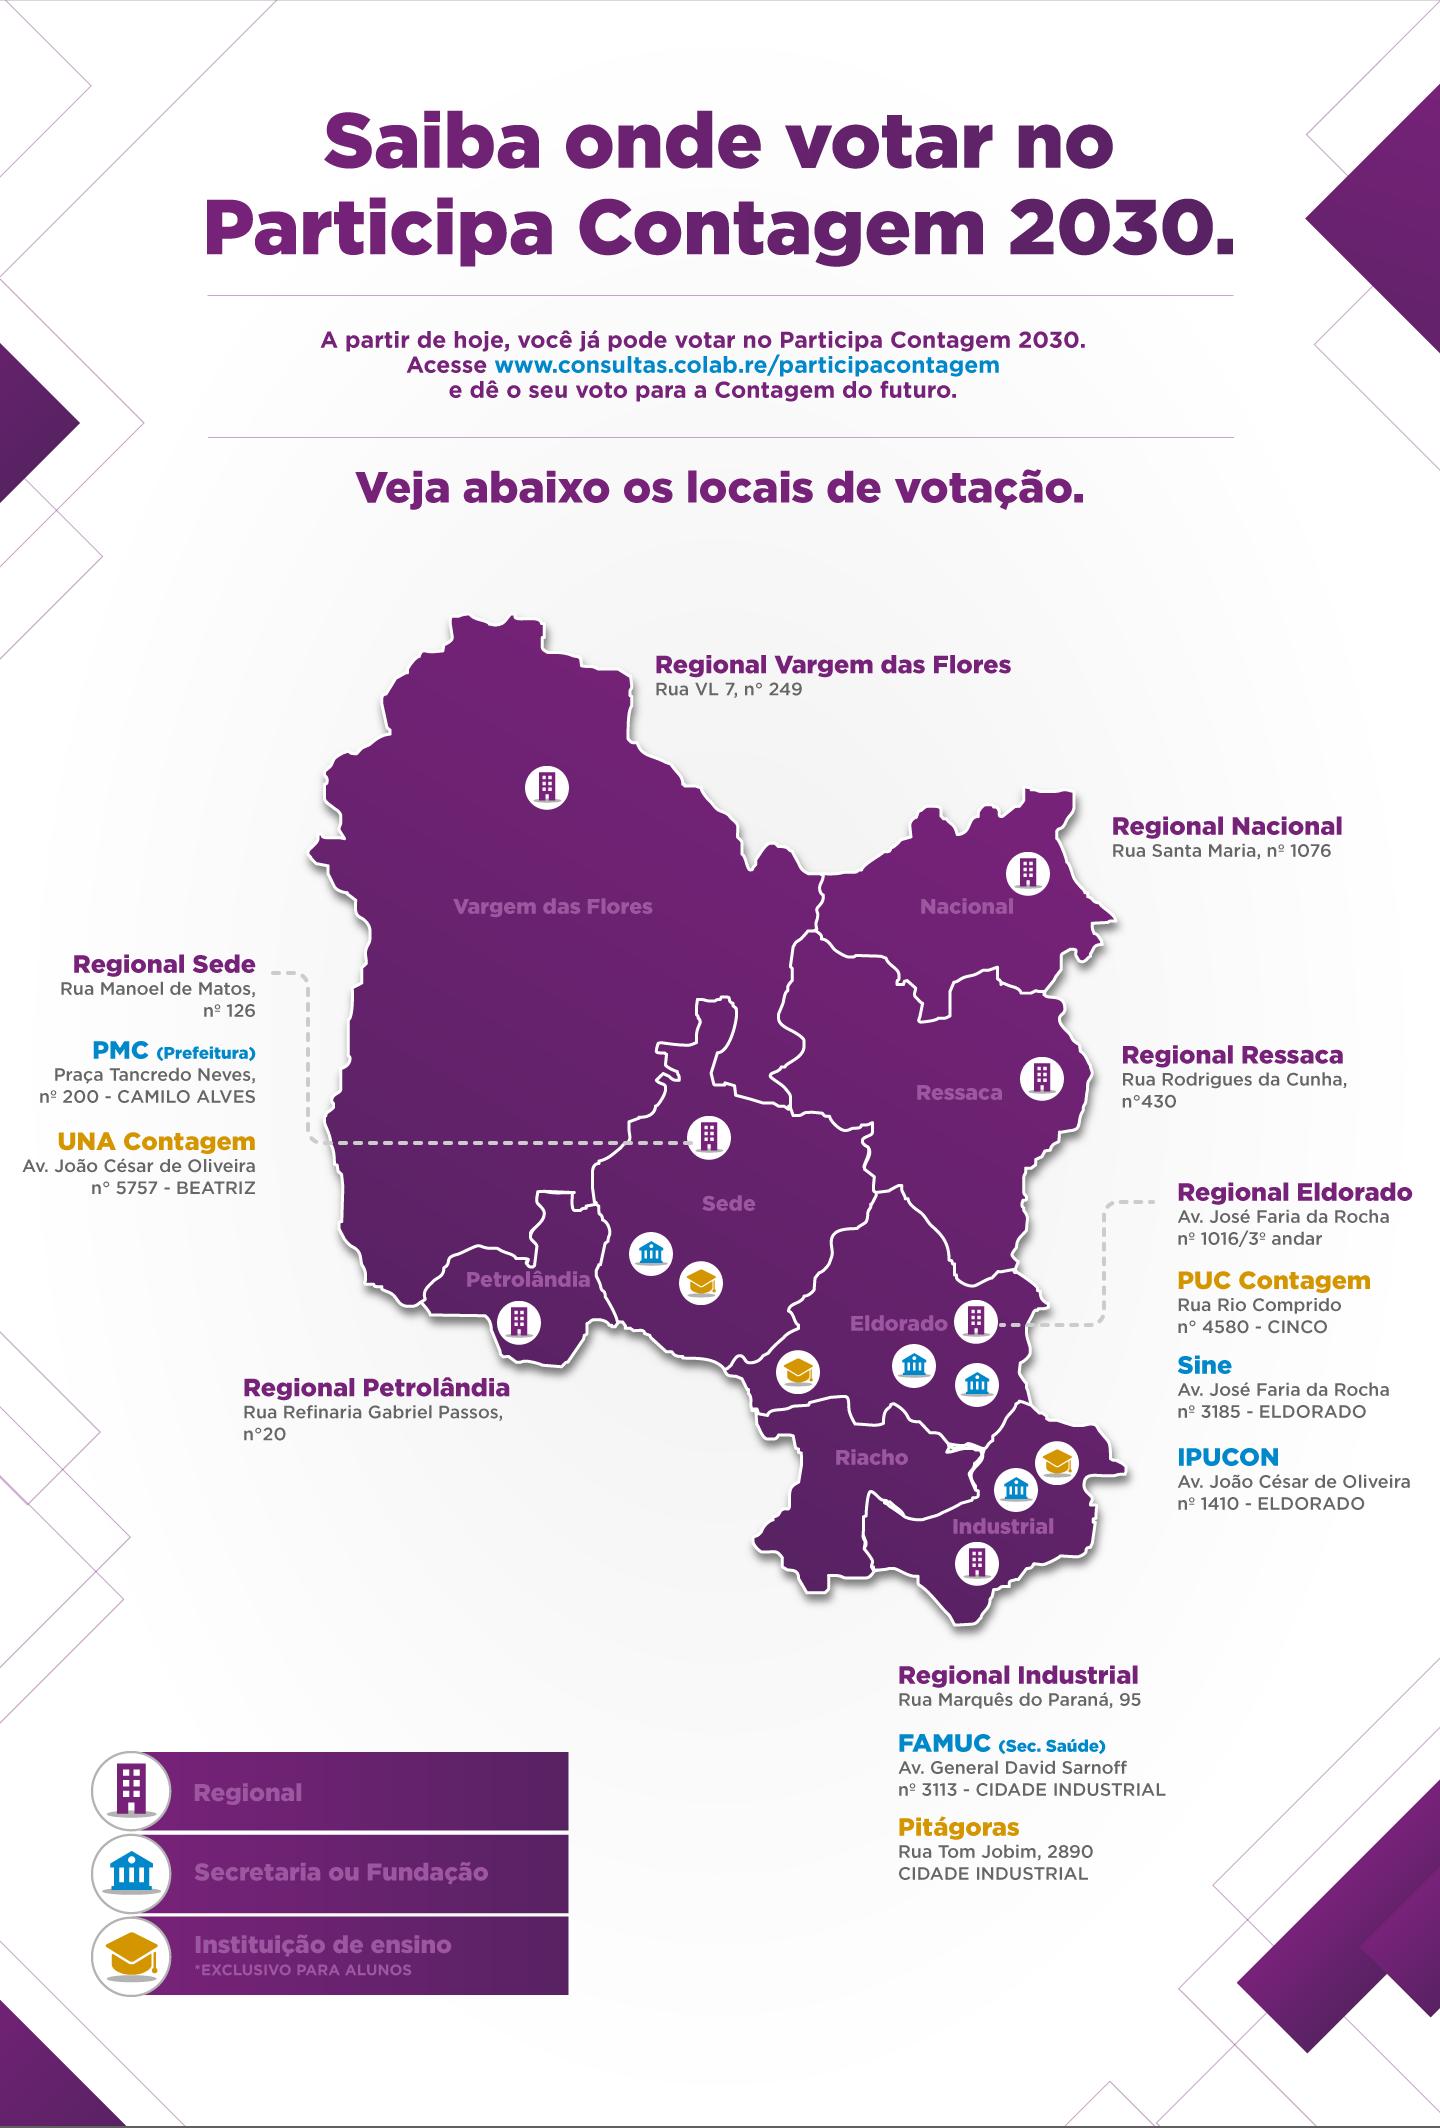 Mapa com os locais de votação do Participa Contagem 2030